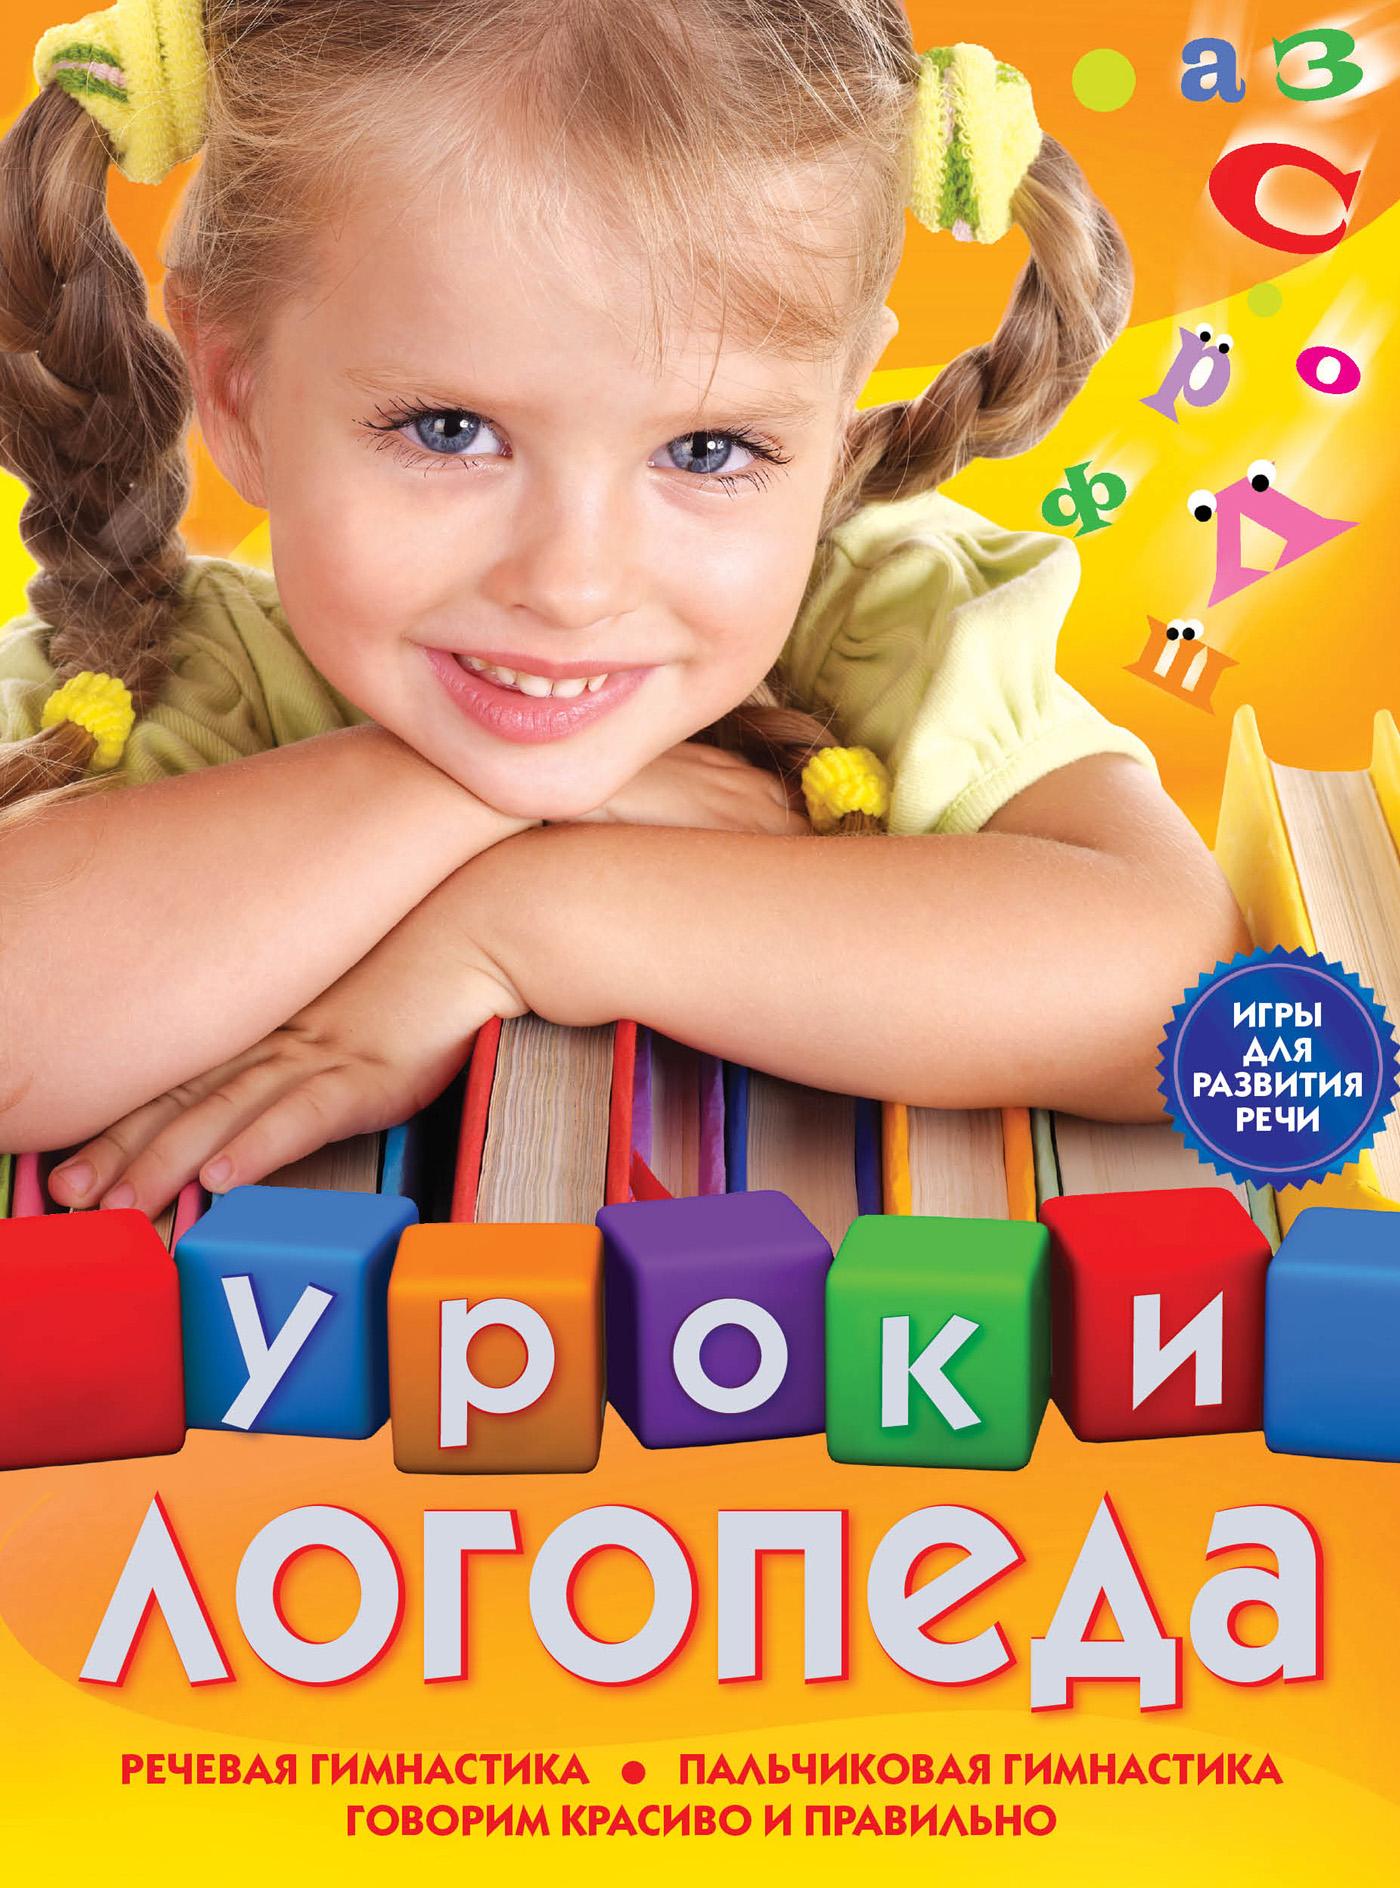 Елена Косинова «Уроки логопеда. Игры для развития речи»